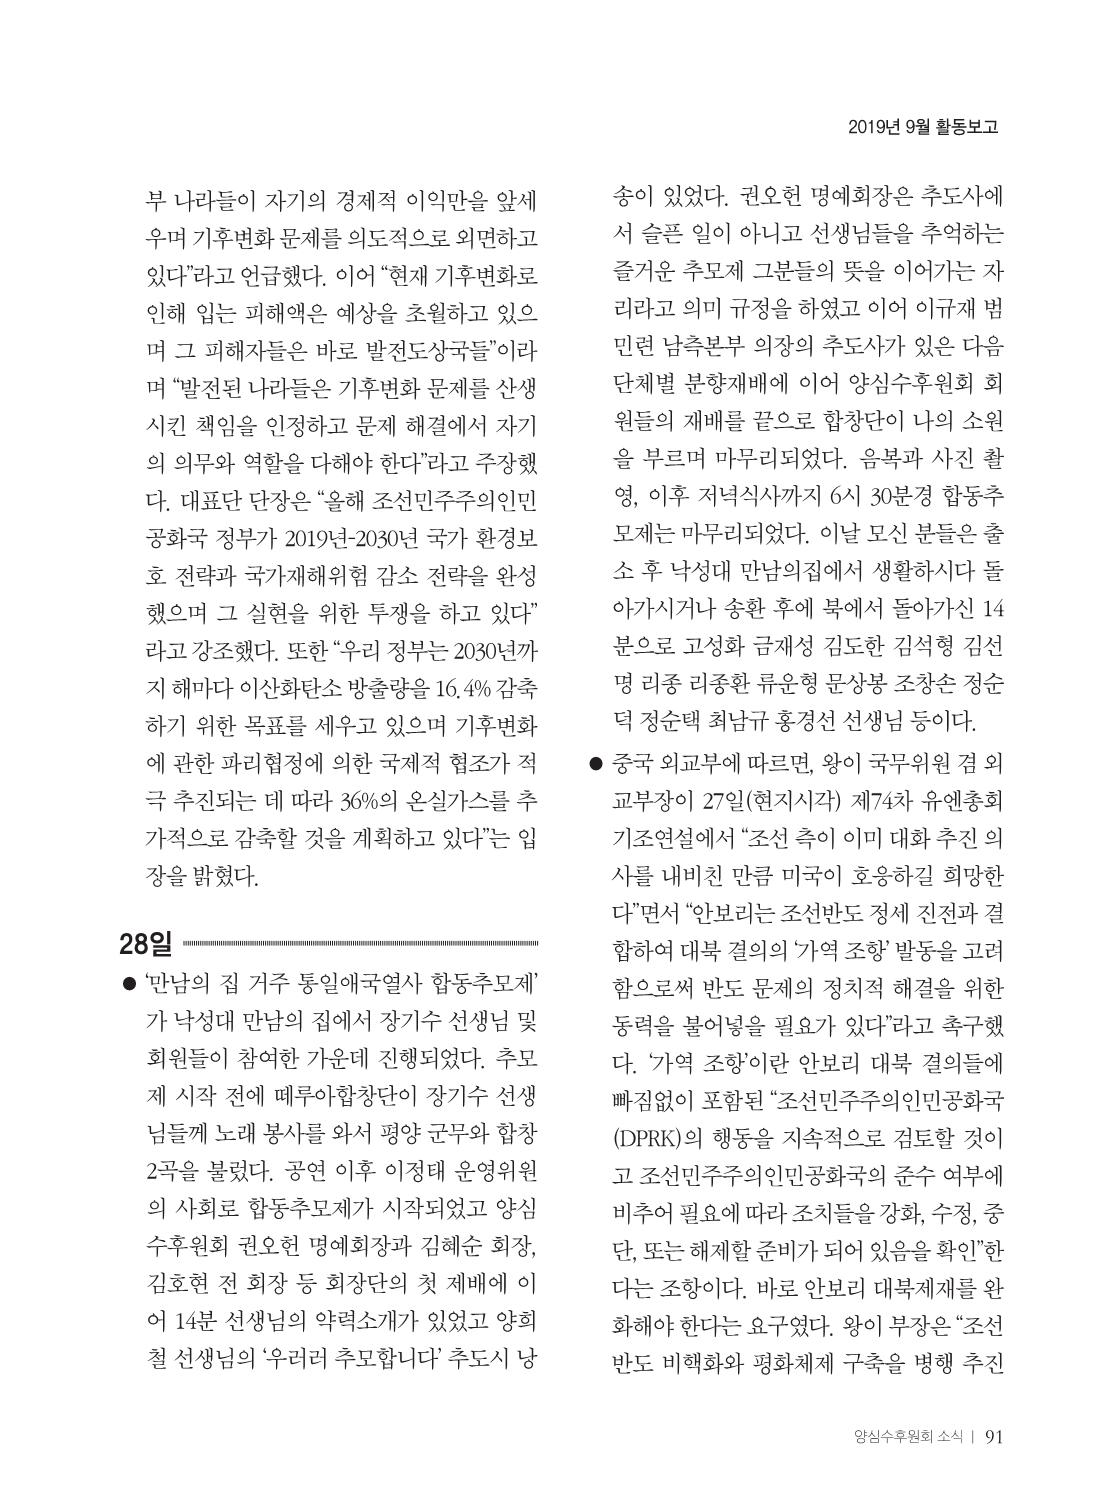 154780e2-c93e-4795-937d-bbcc14642e29.pdf-0093.jpg